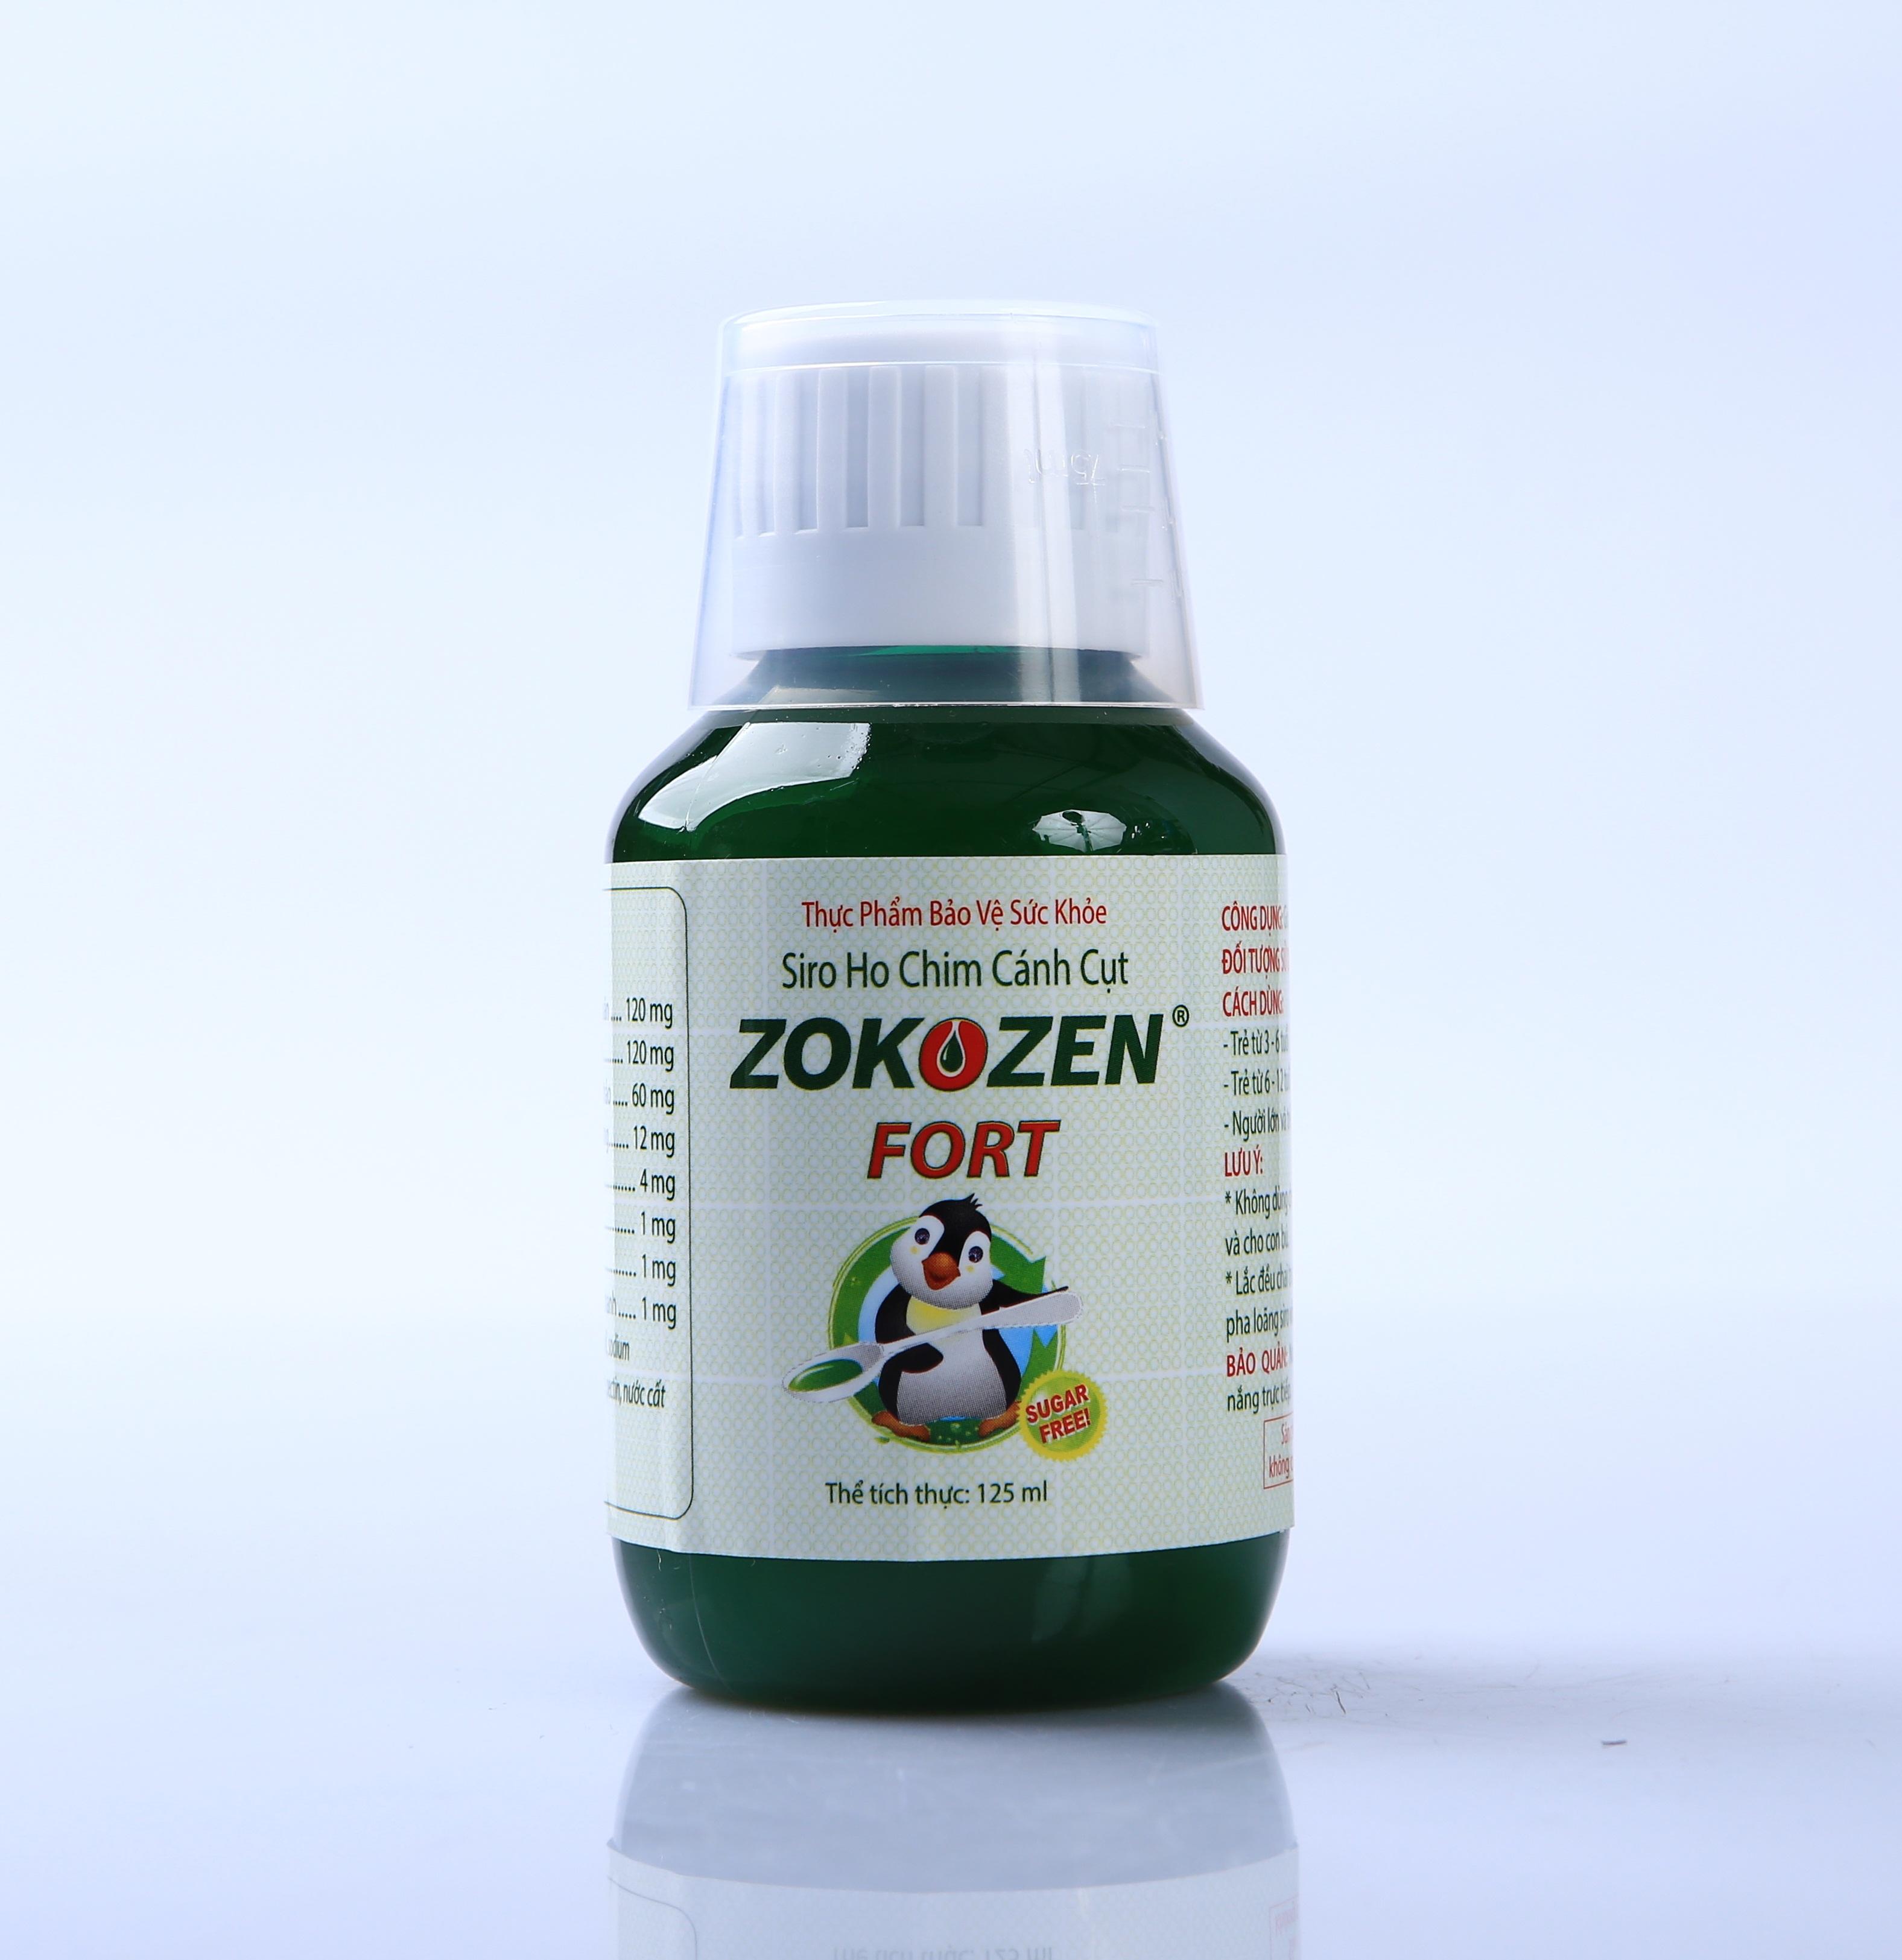 Thực phẩm chức năng Thảo dược trị ho Siro Ho Chim Cánh Cụt  ZOKOZEN FORT (Chai 125ml)